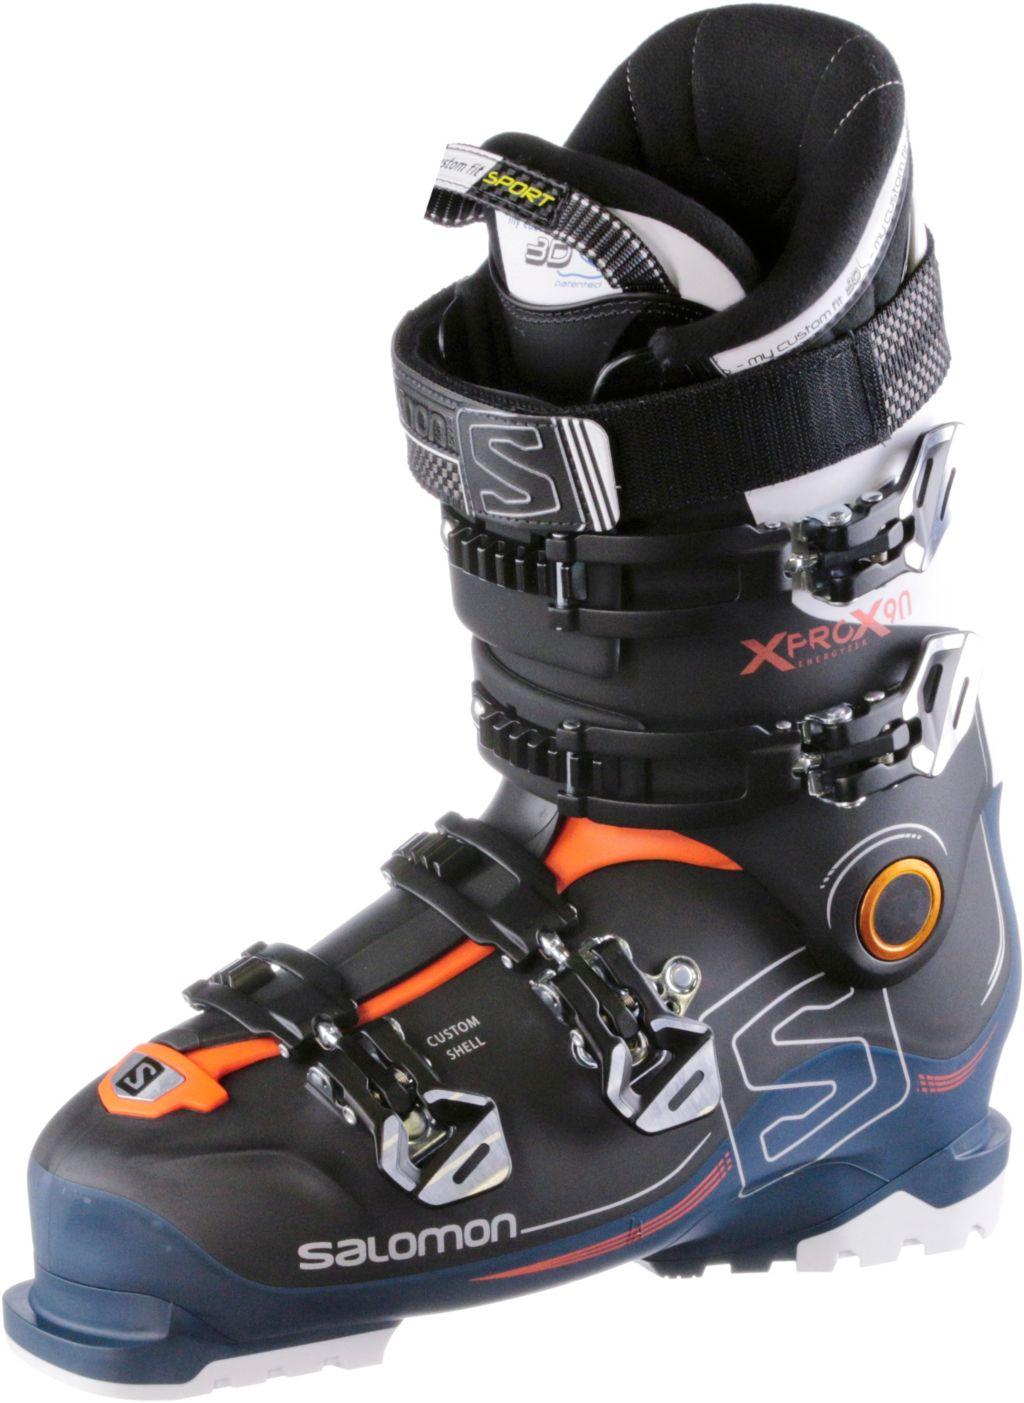 X Pro x 90 CS Skischuhe Herren mehrfarbig, Größe 27 1/2